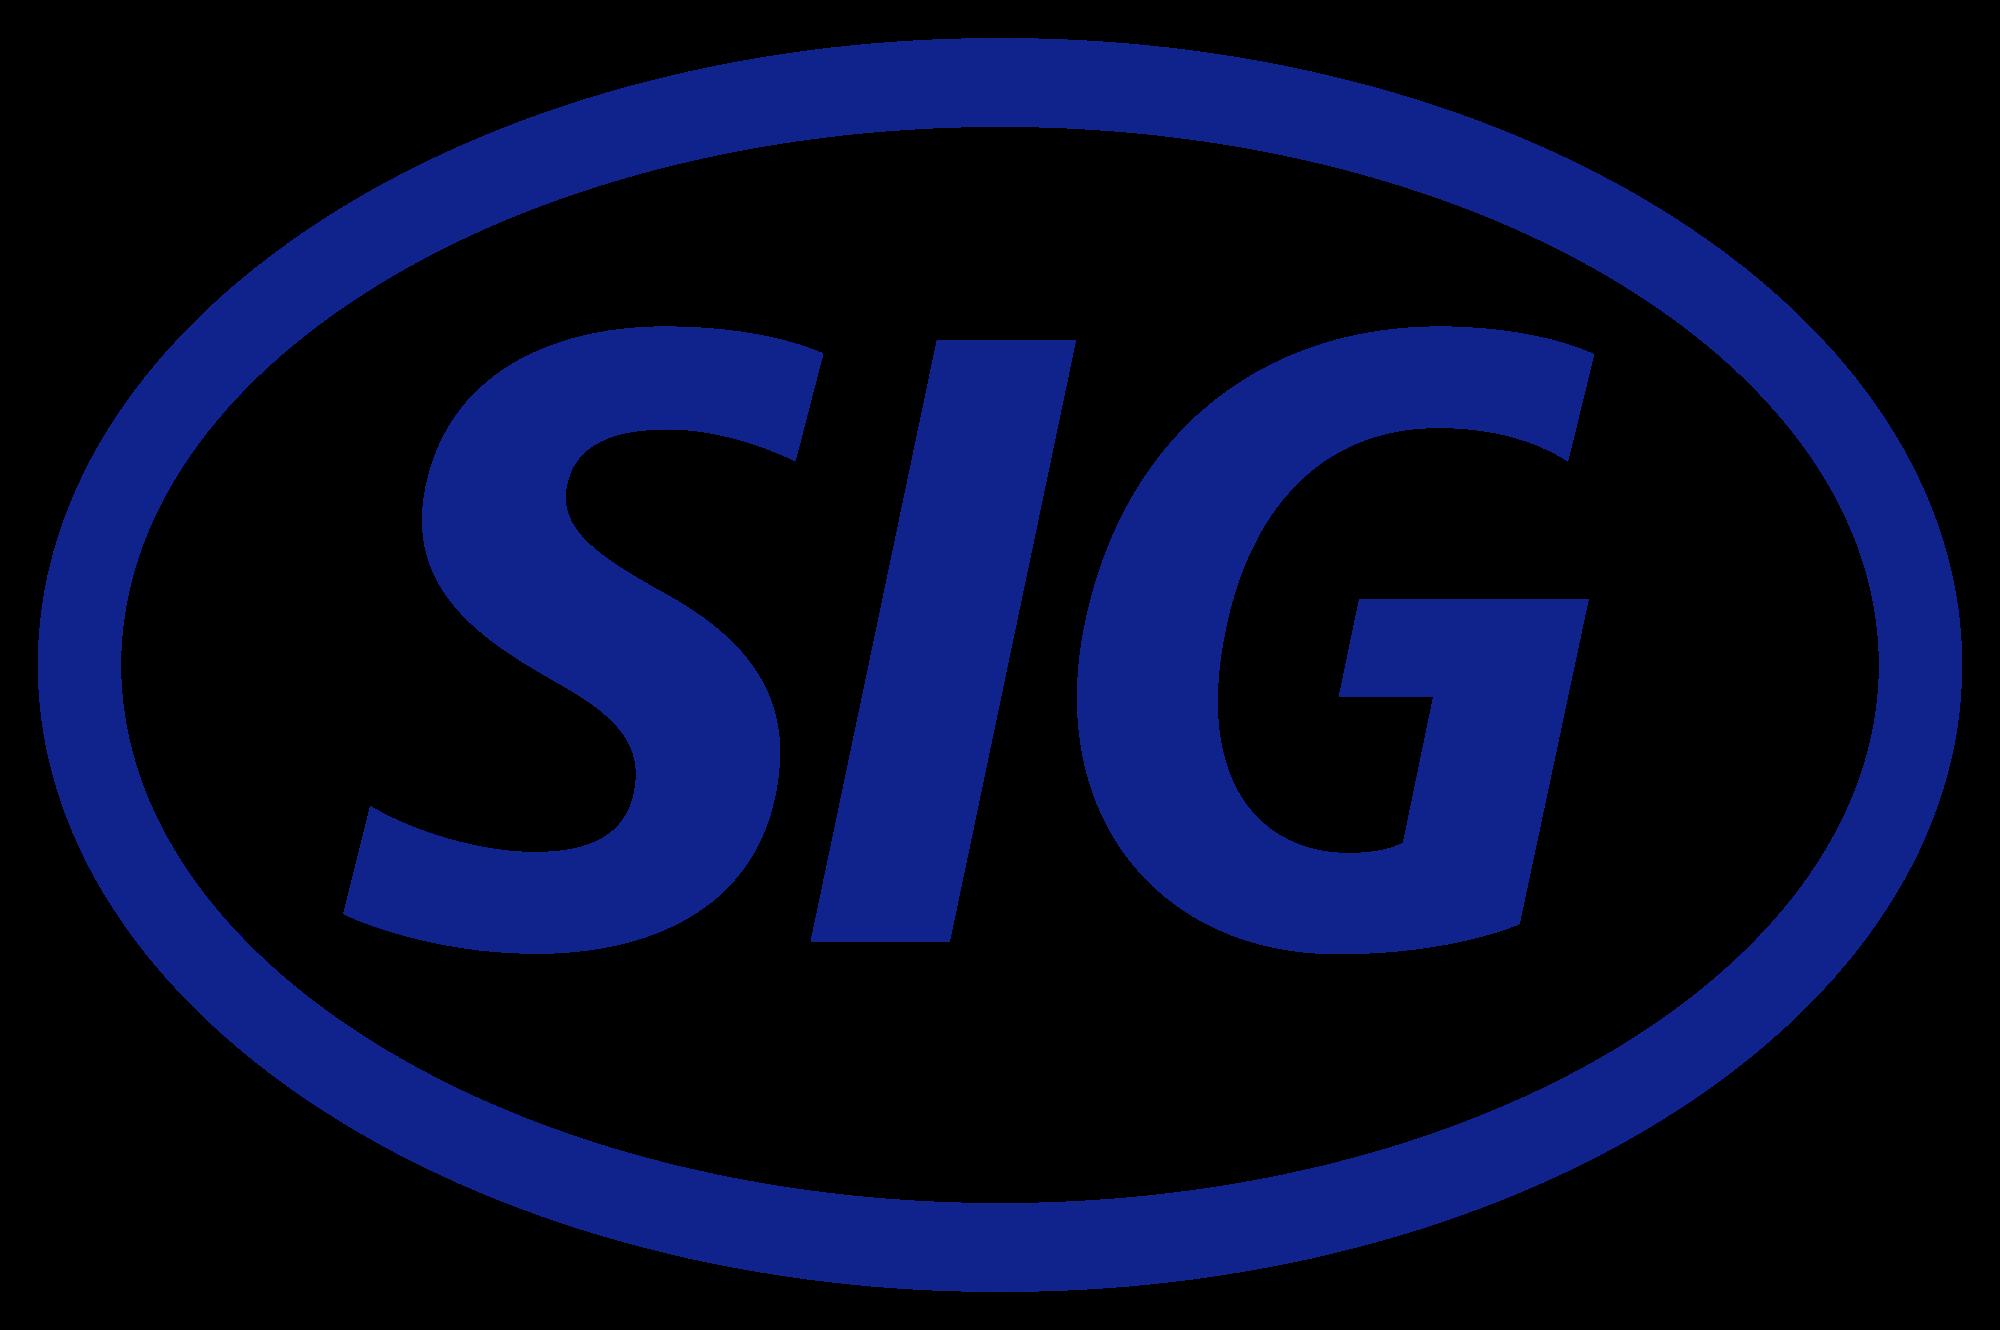 SIG_Holding_logo.svg